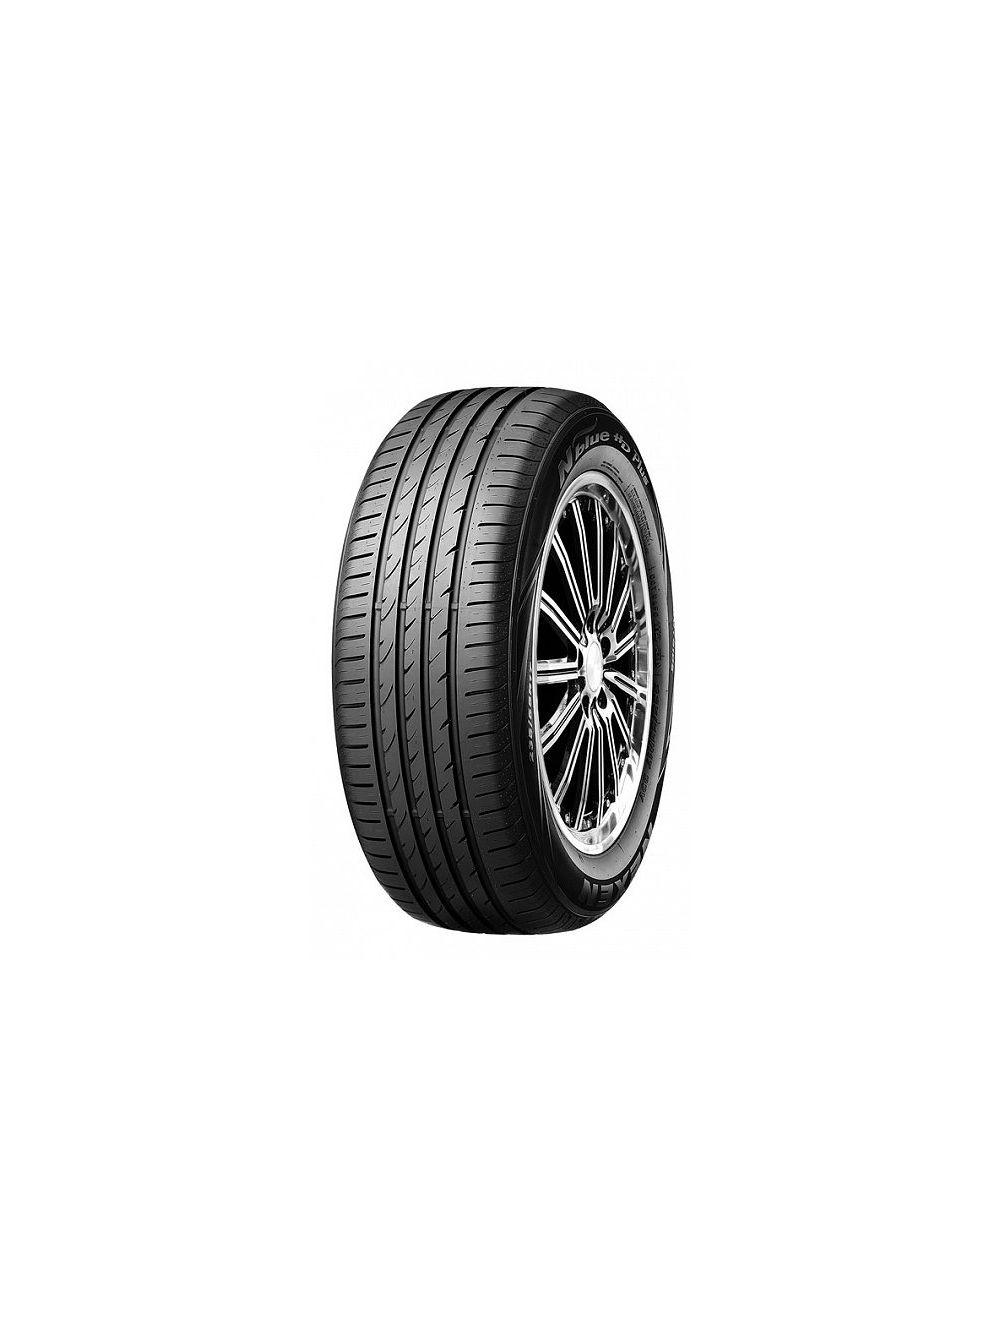 Nexen 145/65R15 T N-Blue HD Plus DOT17 Nyári gumi